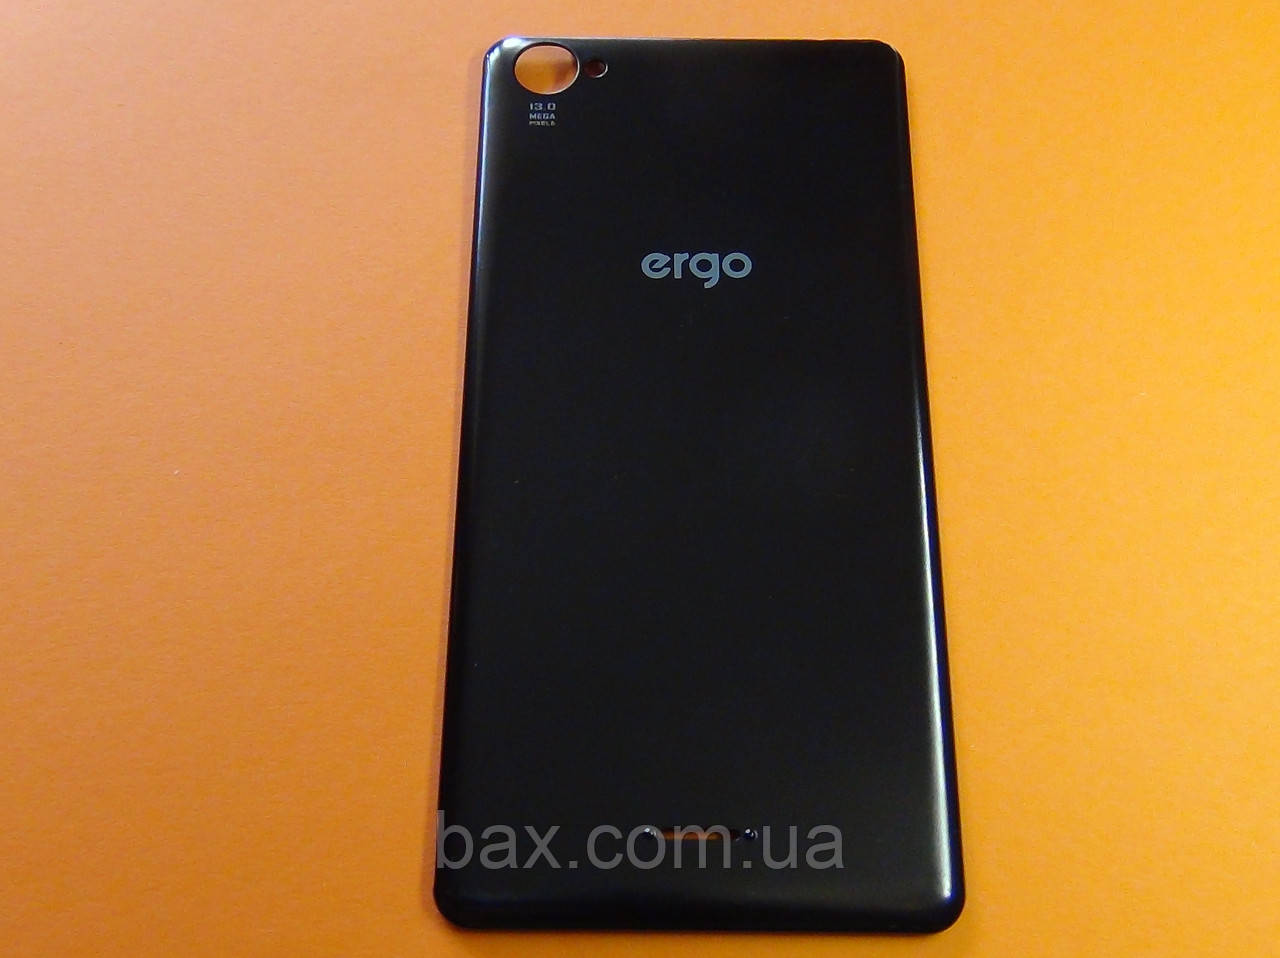 ERGO F500 крышка АКБ черная